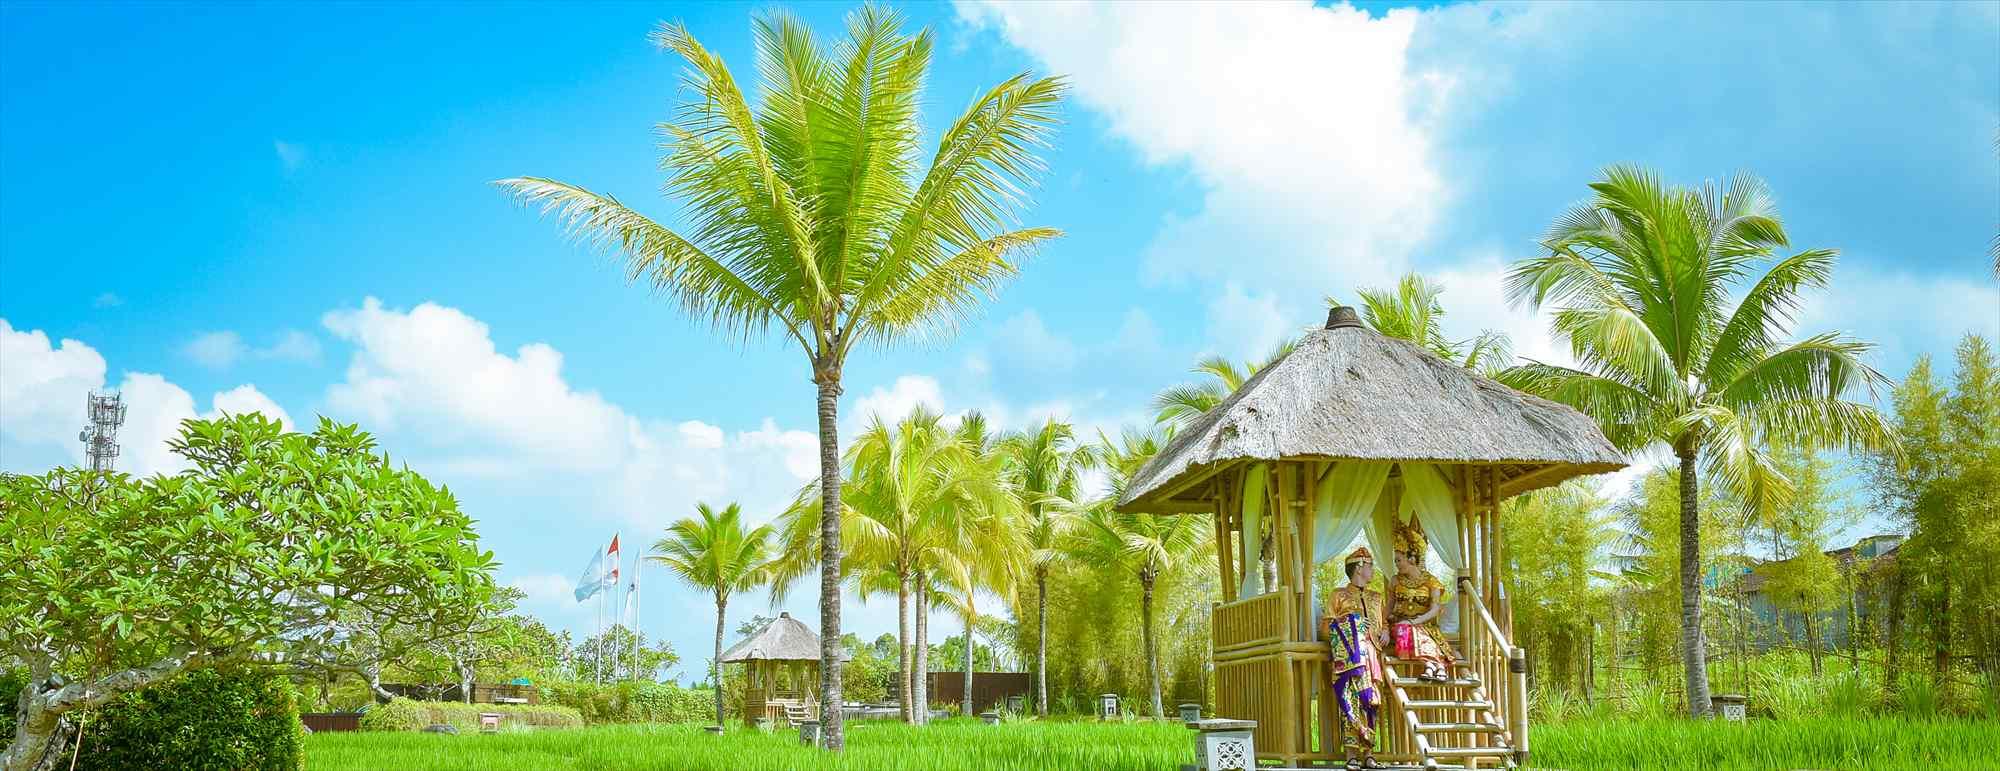 バリ島ウブド・ウェディング Kamandalu Ubud カマンダル・ウブド挙式